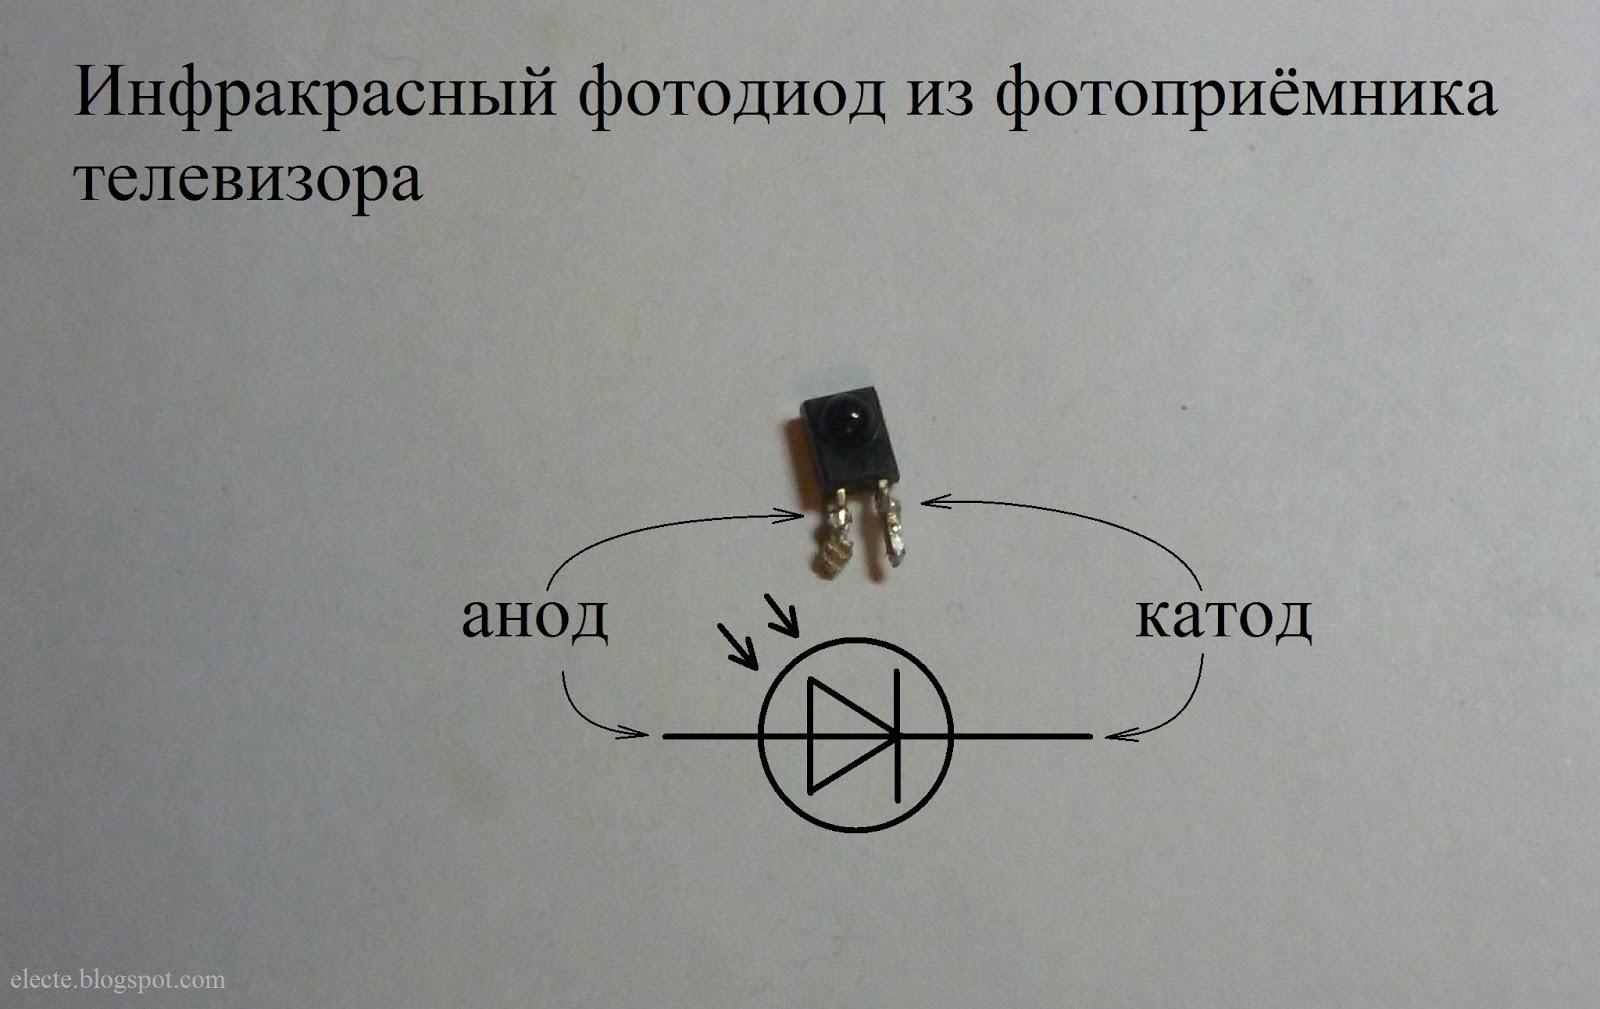 Светодиод в качестве фотодатчика